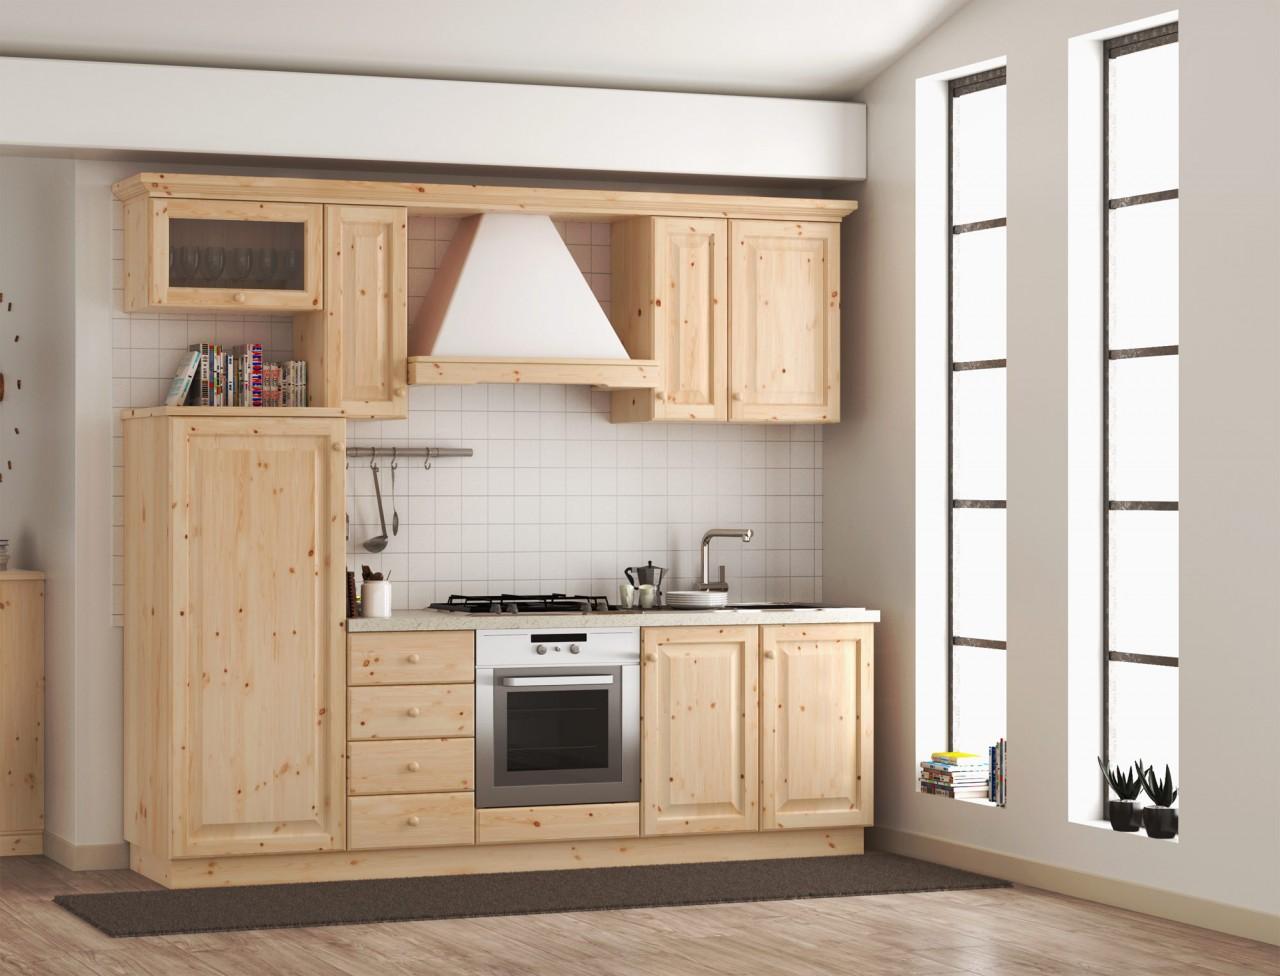 Cucine rustica, Cucina rustica L 255, Arredamenti Rustici